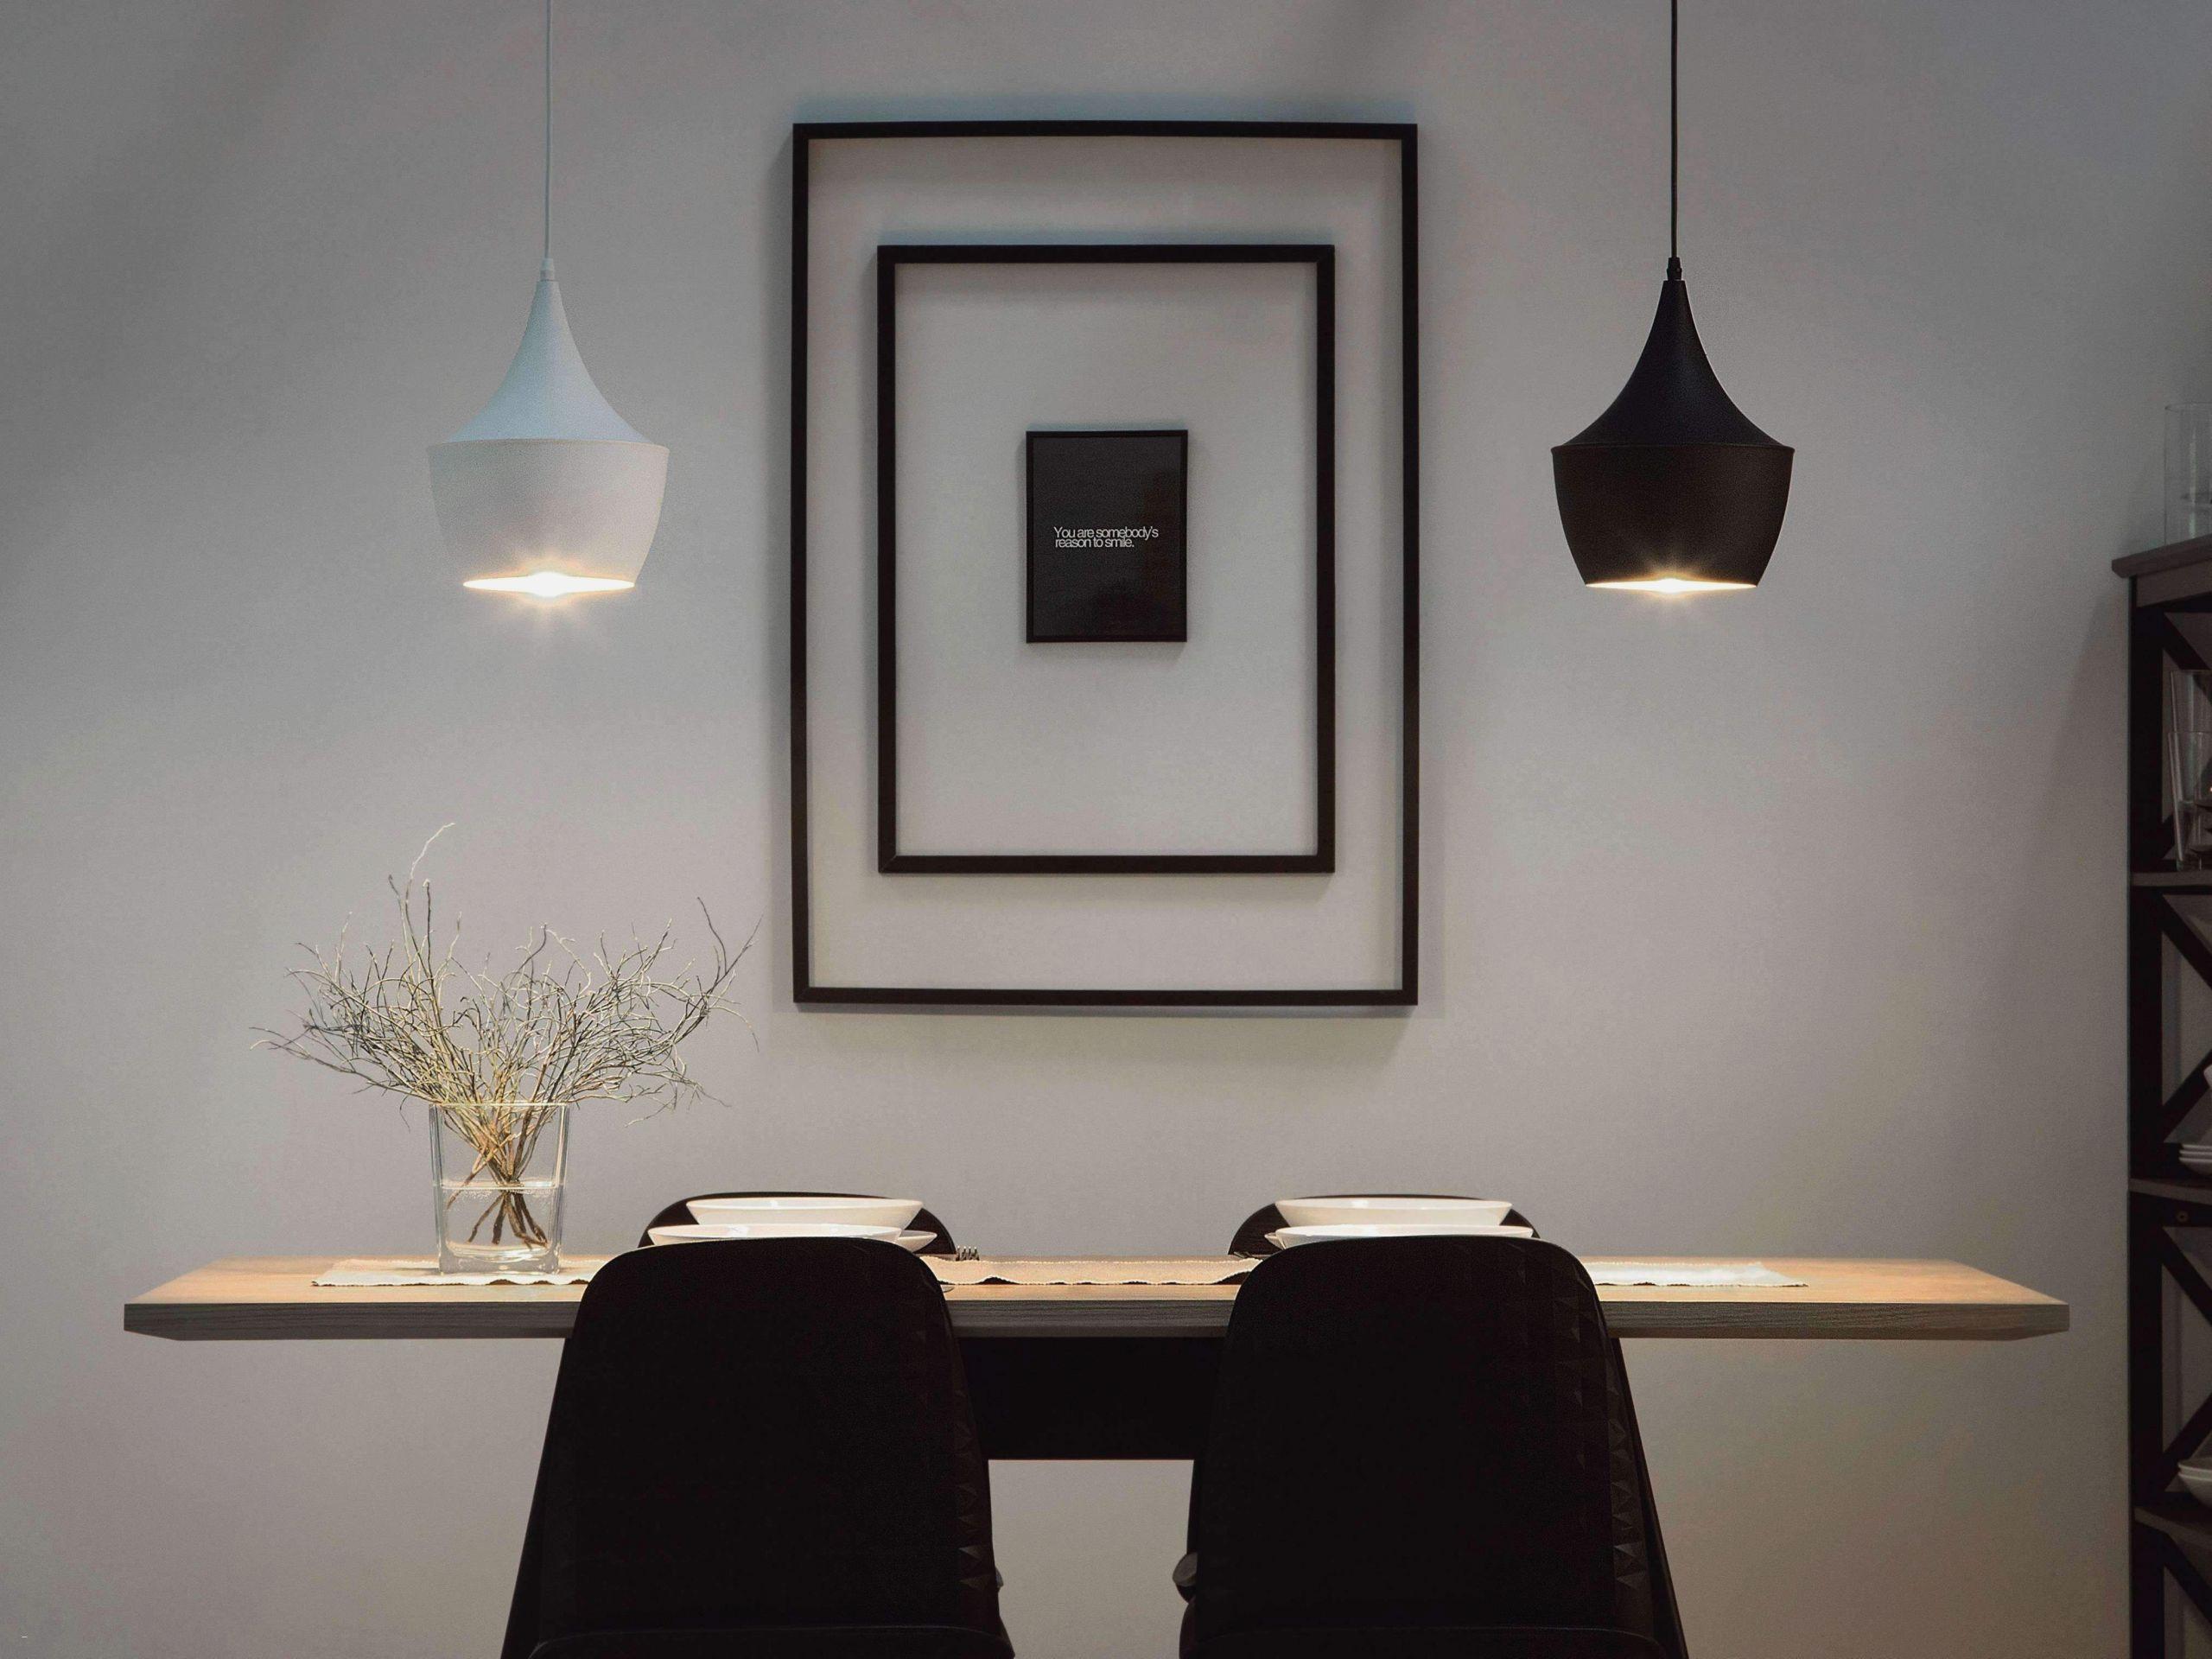 Full Size of Led Lampe Dimmbar E27 Farbwechsel Mit Fernbedienung Machen Per Schalter Sofa Leder Bad Lampen Beleuchtung Big Braun Kunstleder Weiß Küche Wohnzimmer Wohnzimmer Led Wohnzimmerlampe